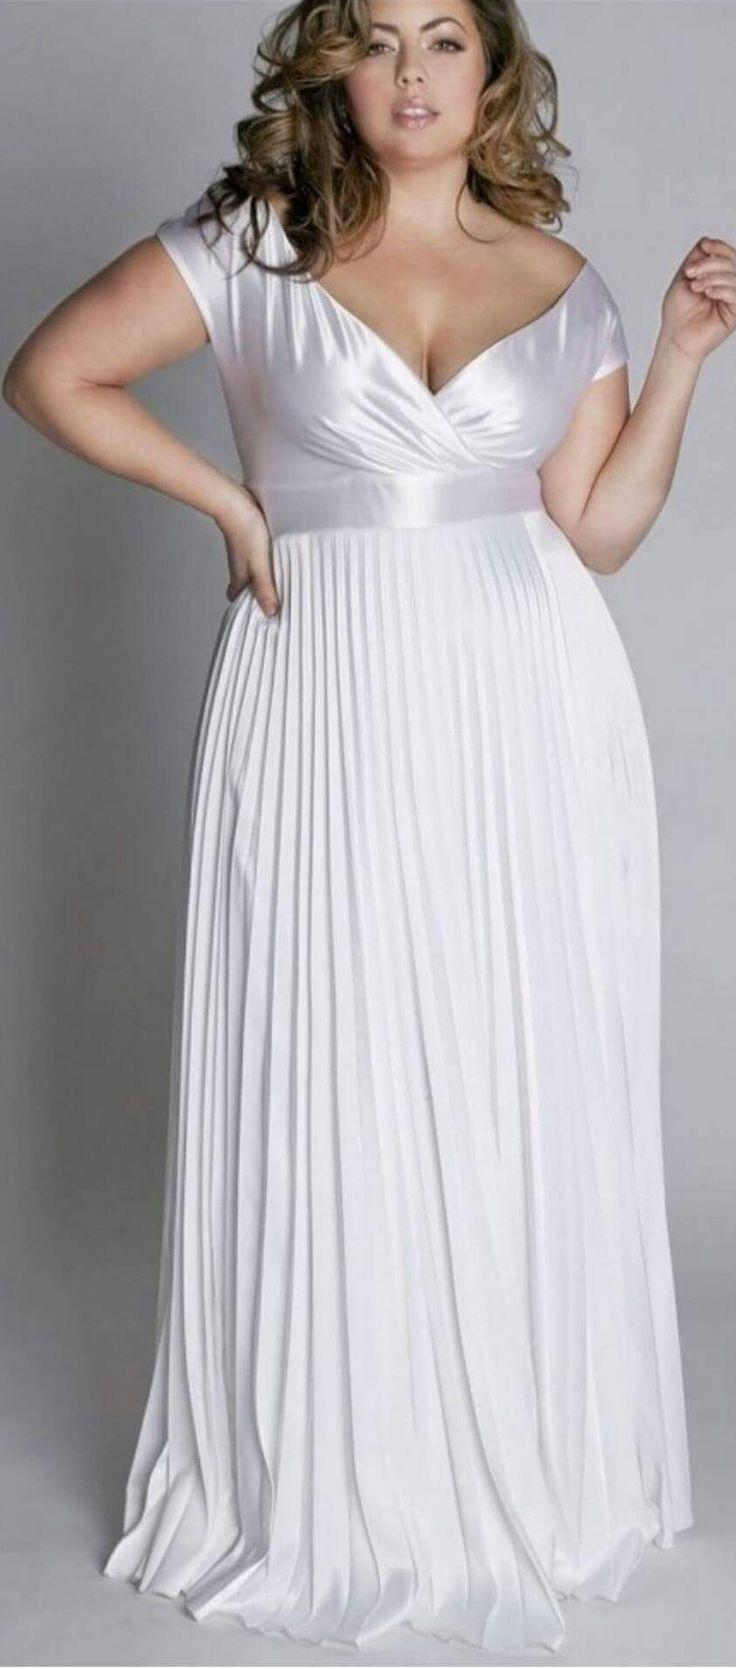 8 best wedding dresses for older brides images on for Brides dress for wedding reception